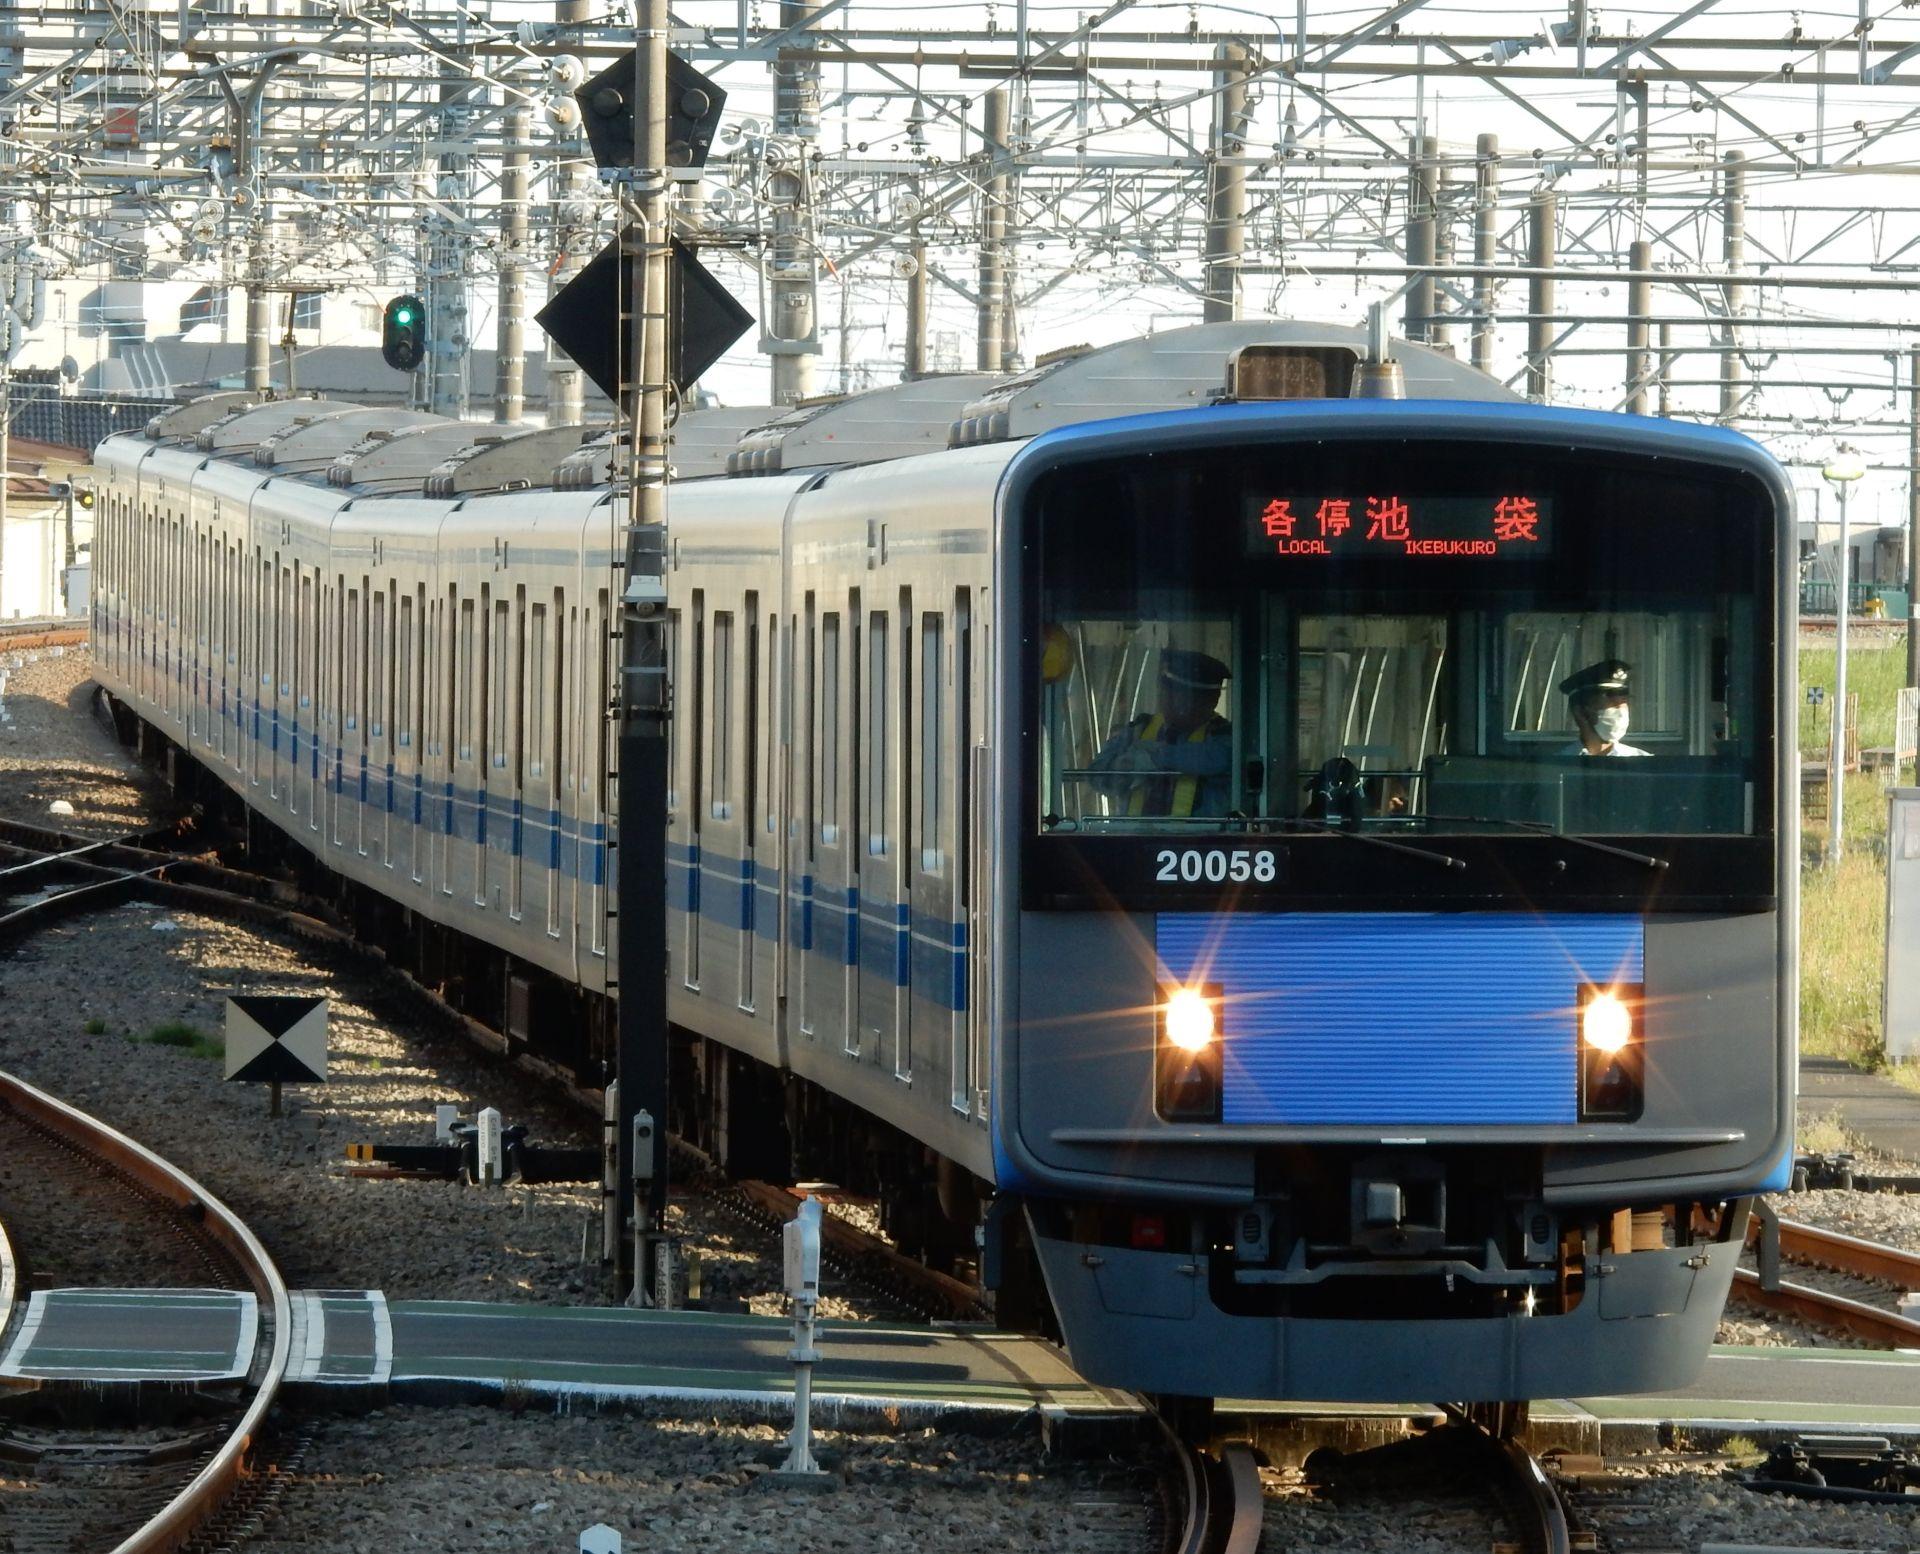 DSCN9147 - コピー